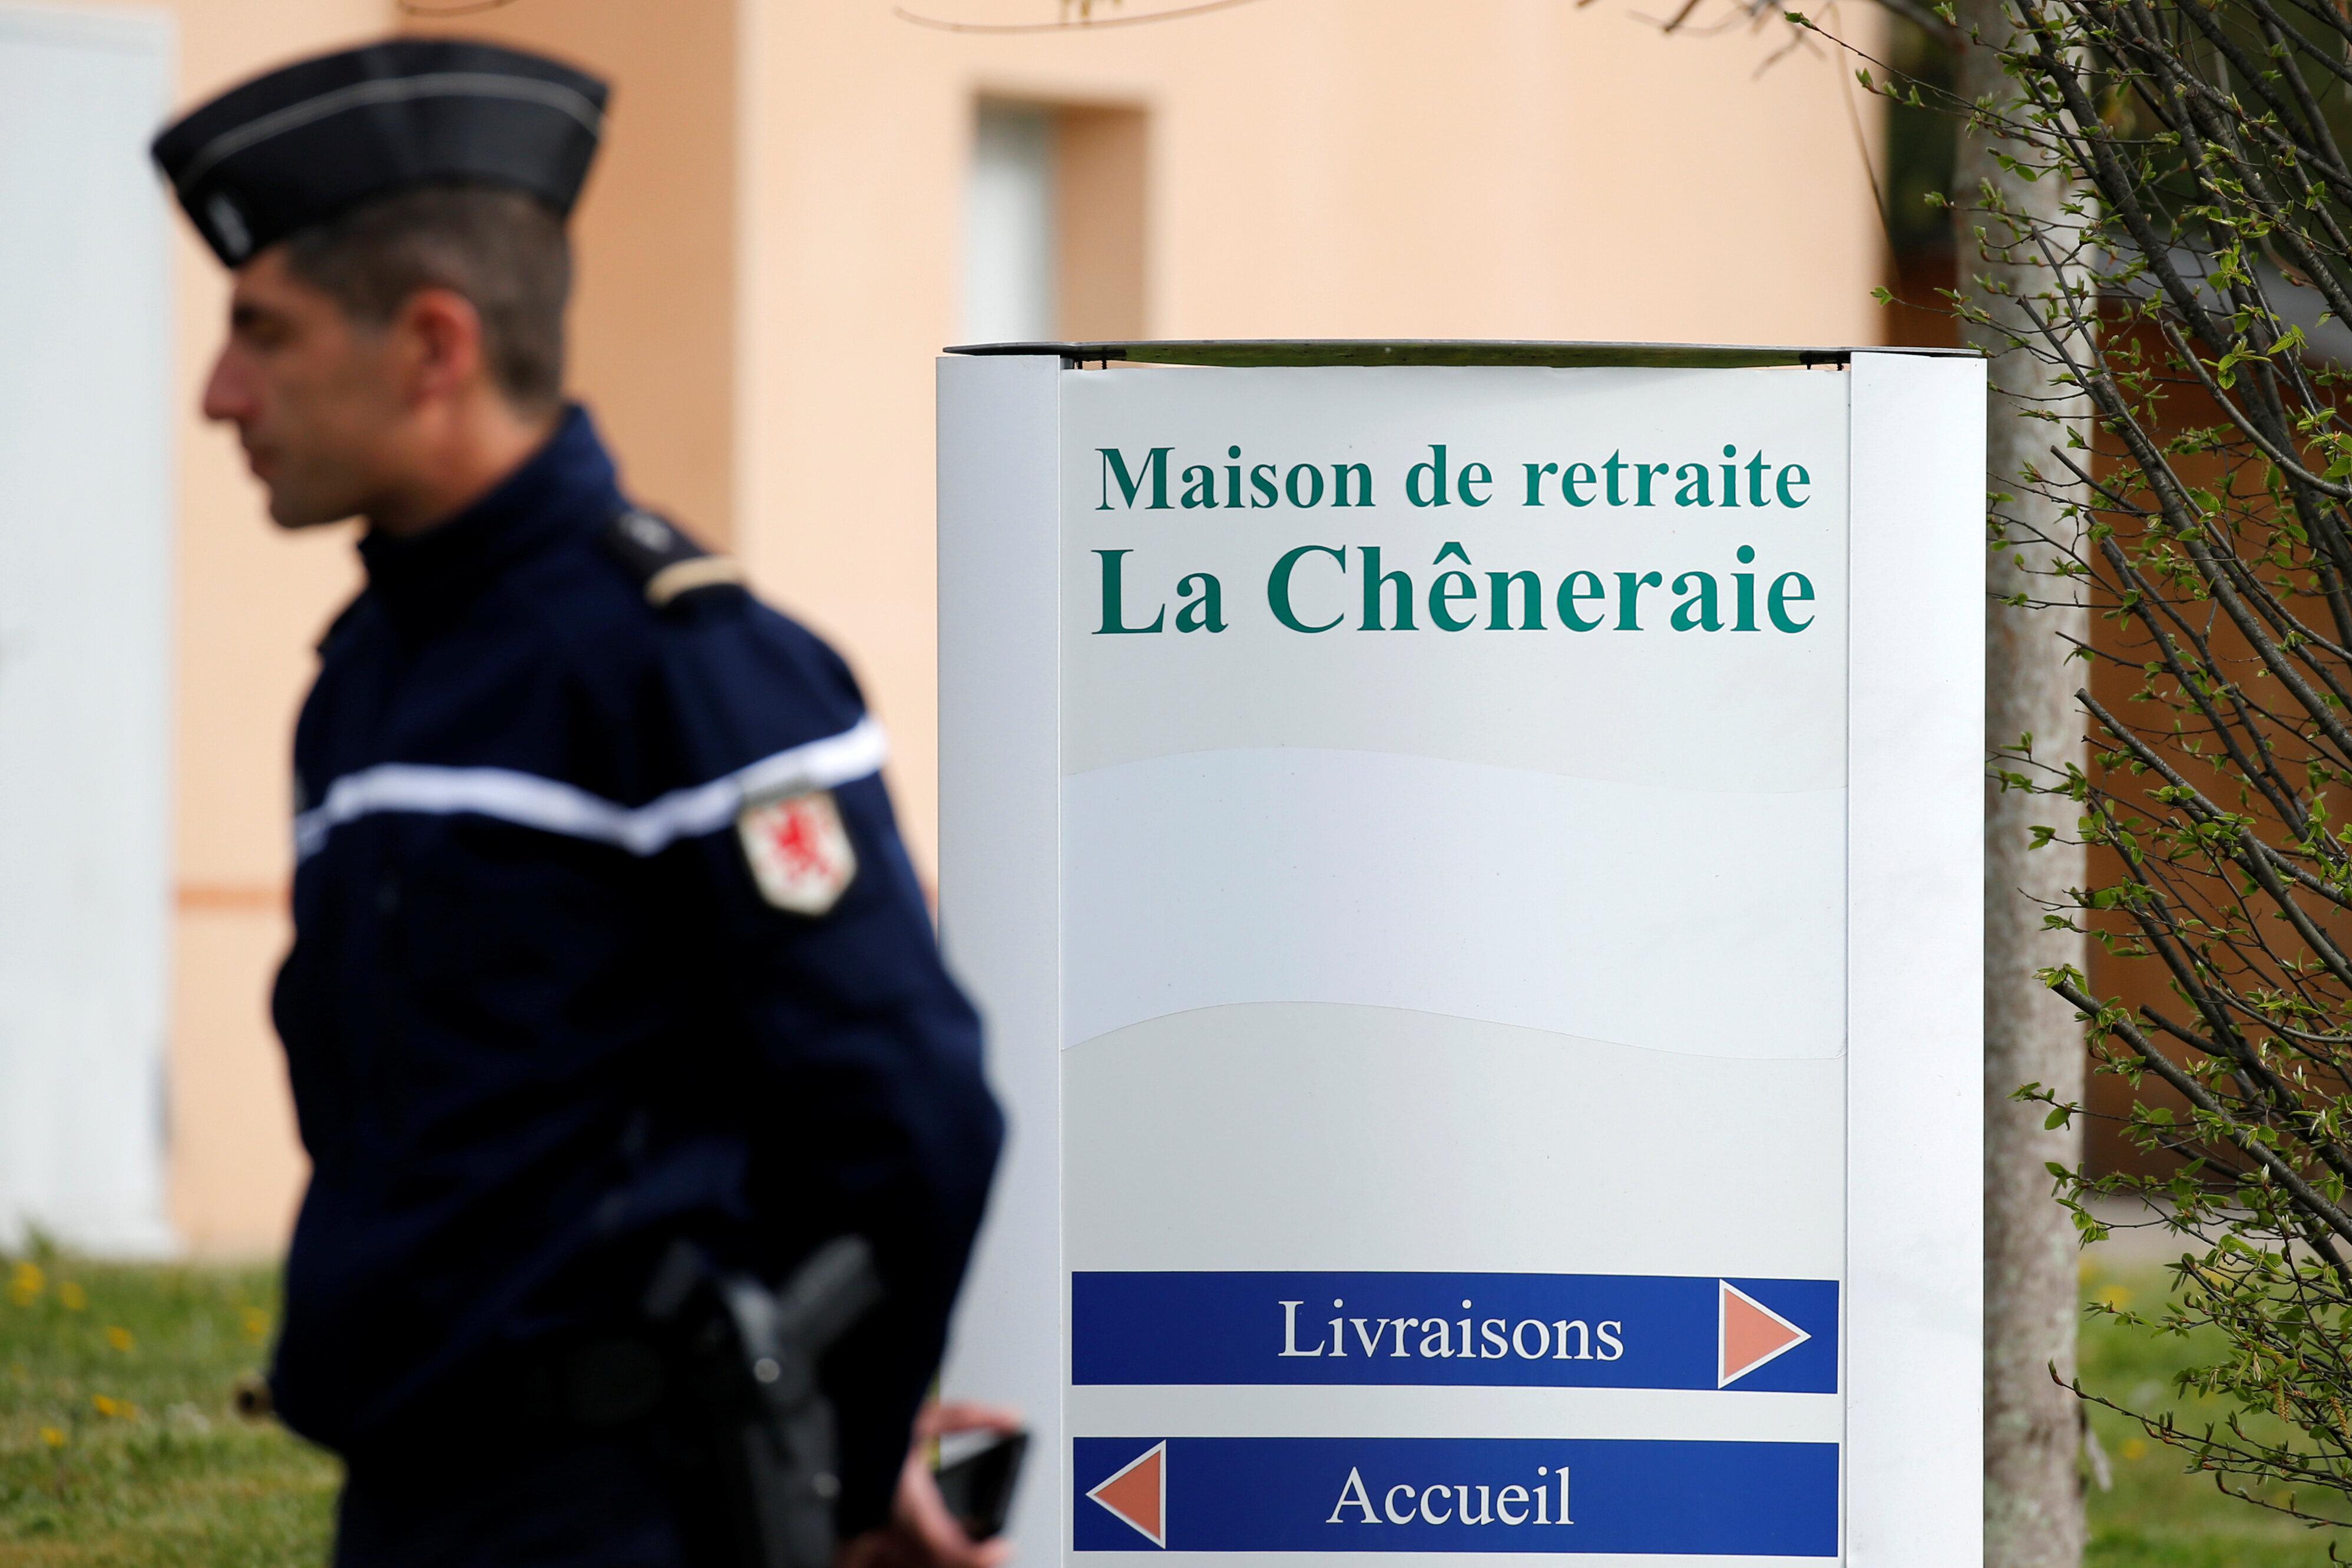 Γαλλία: Γυναίκα 102 ετών διέπραξε άγριο έγκλημα σε οίκο